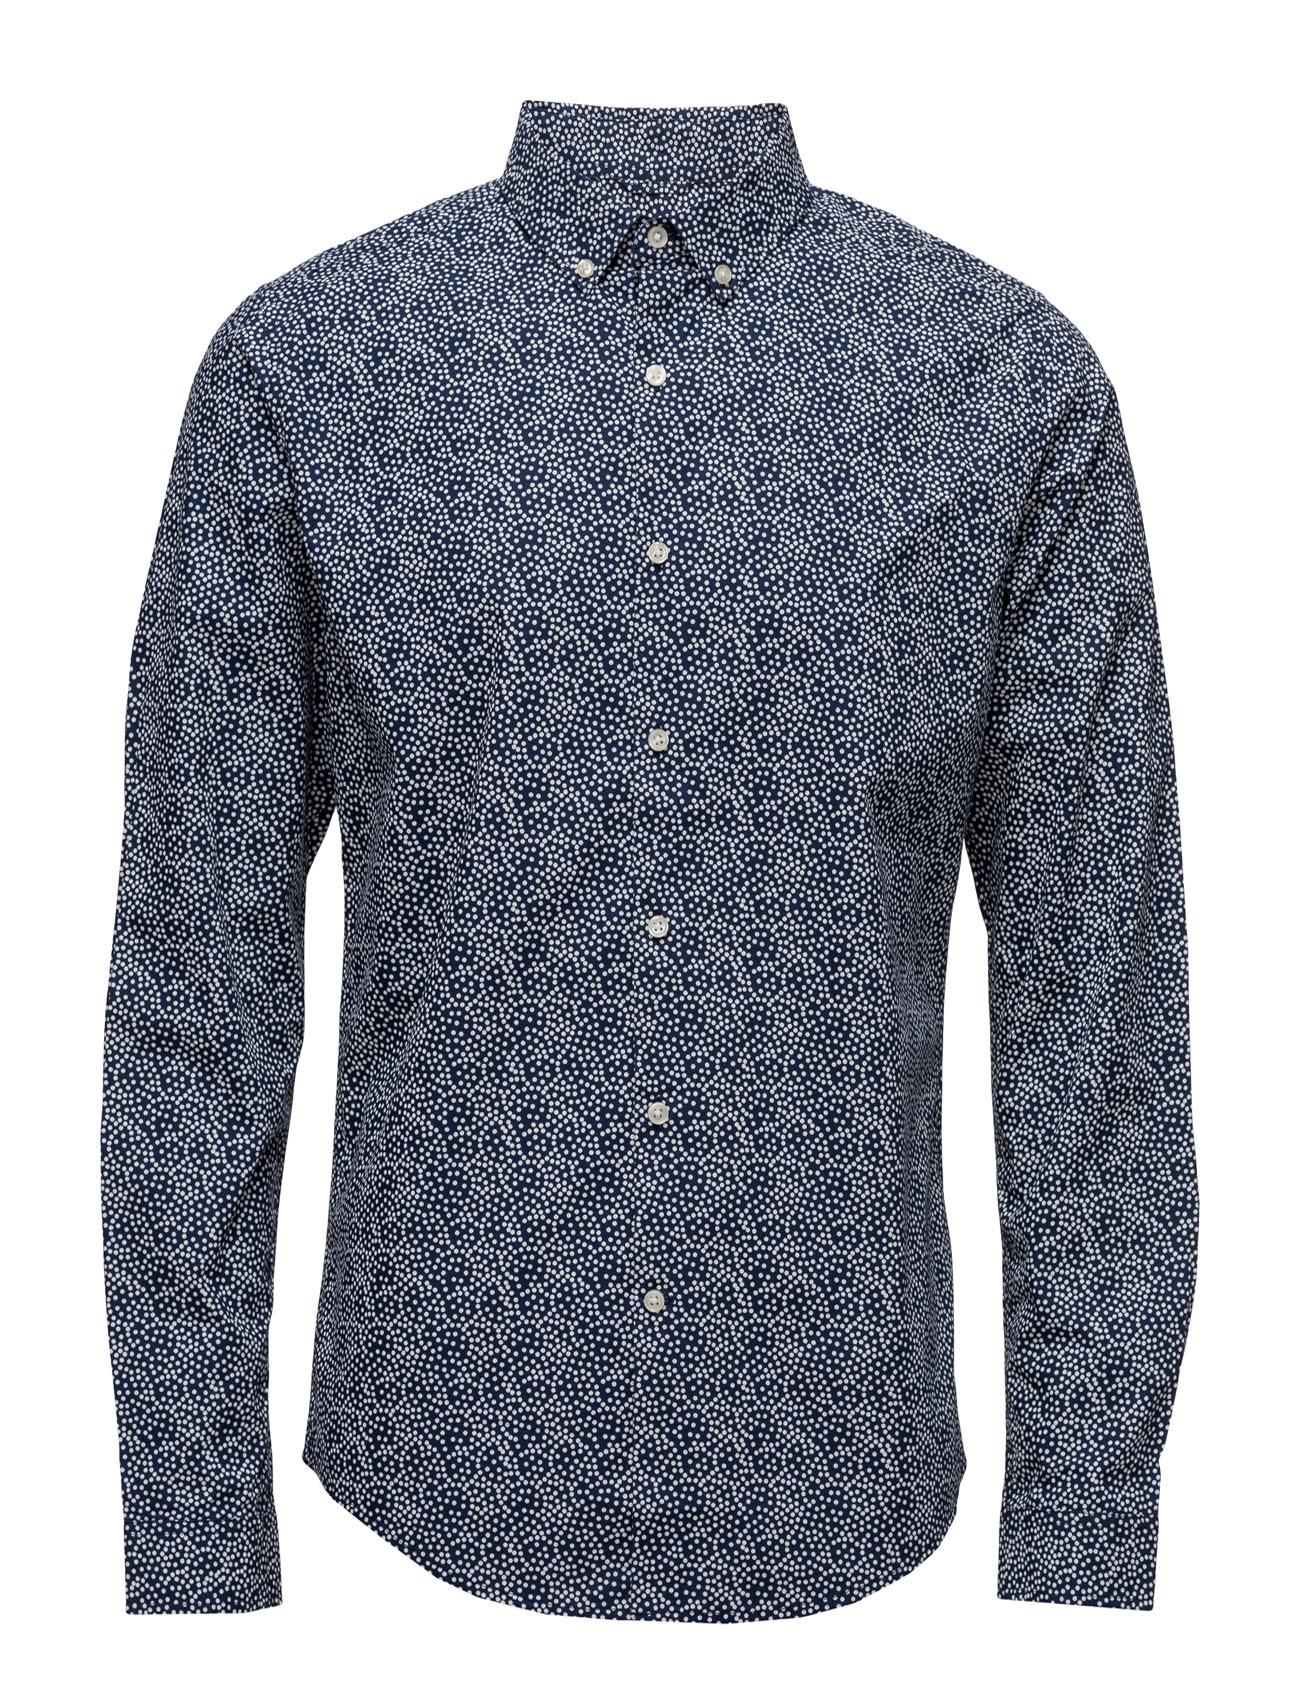 Circled Dot Printed Poplin Shirt - Knowledge Cotton Apparel Trøjer til Mænd i